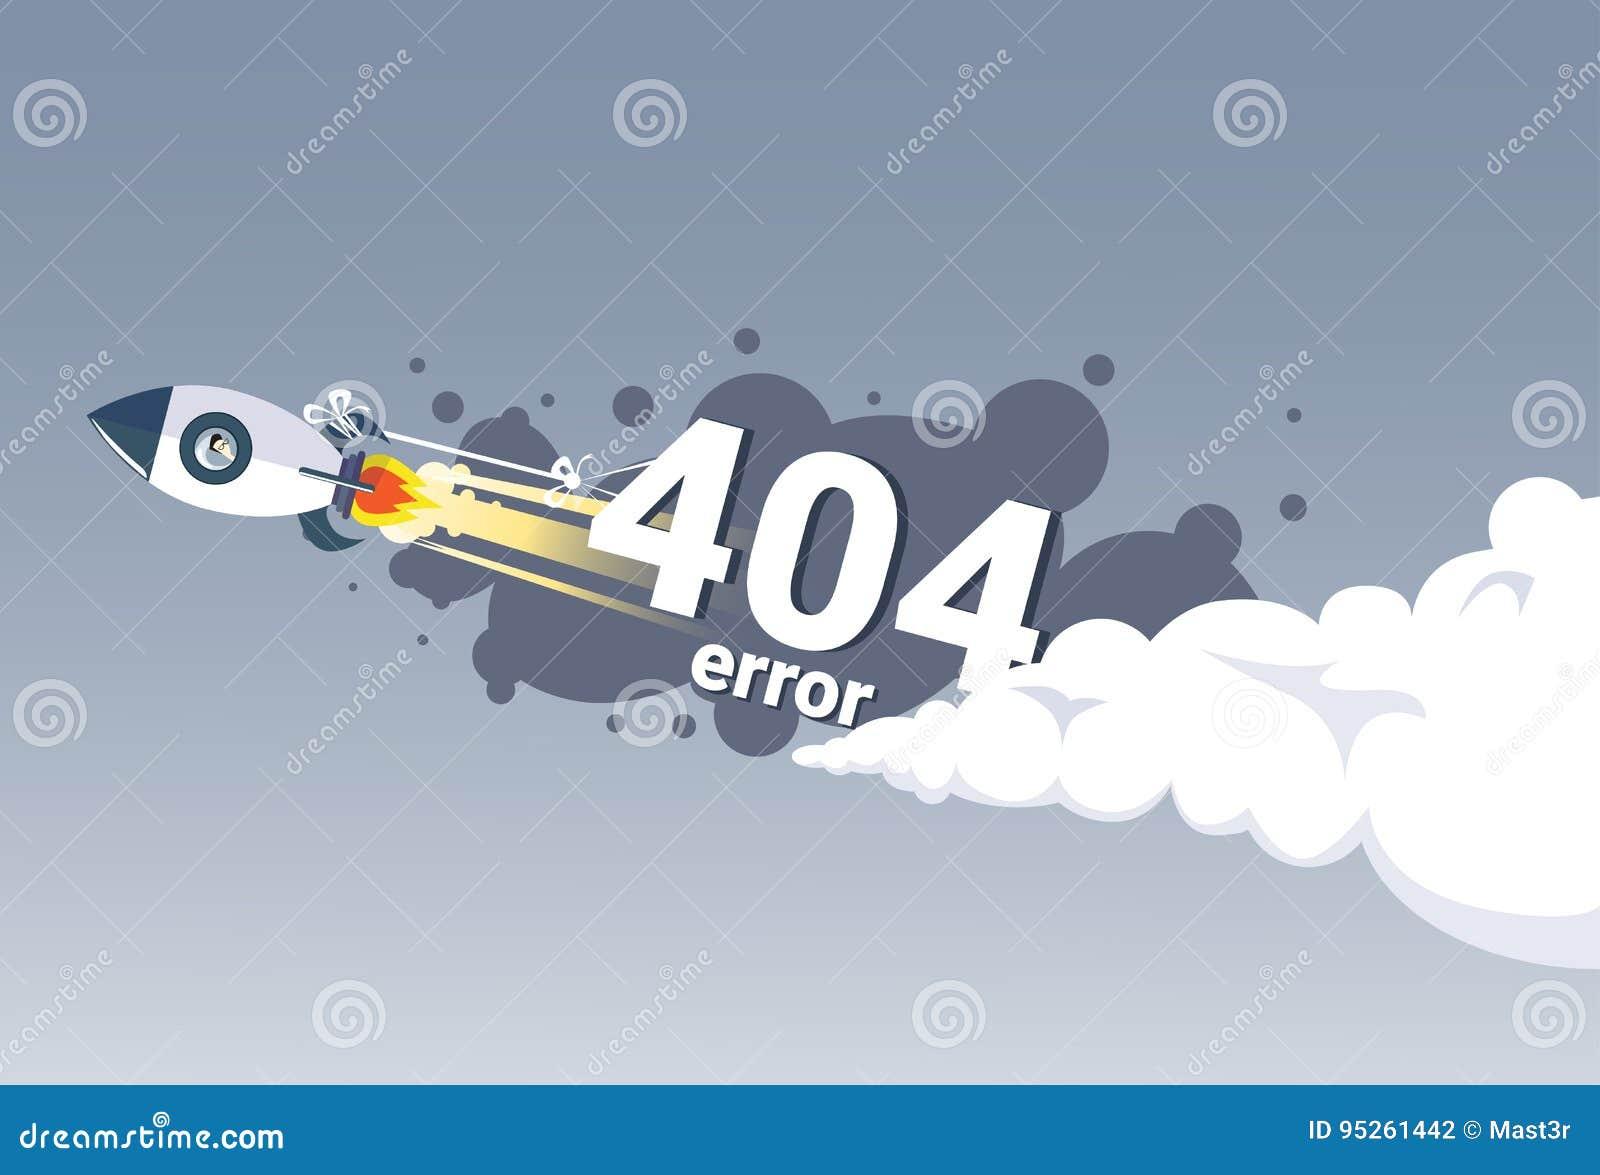 404没被找到的错误信息互联网连接问题概念横幅